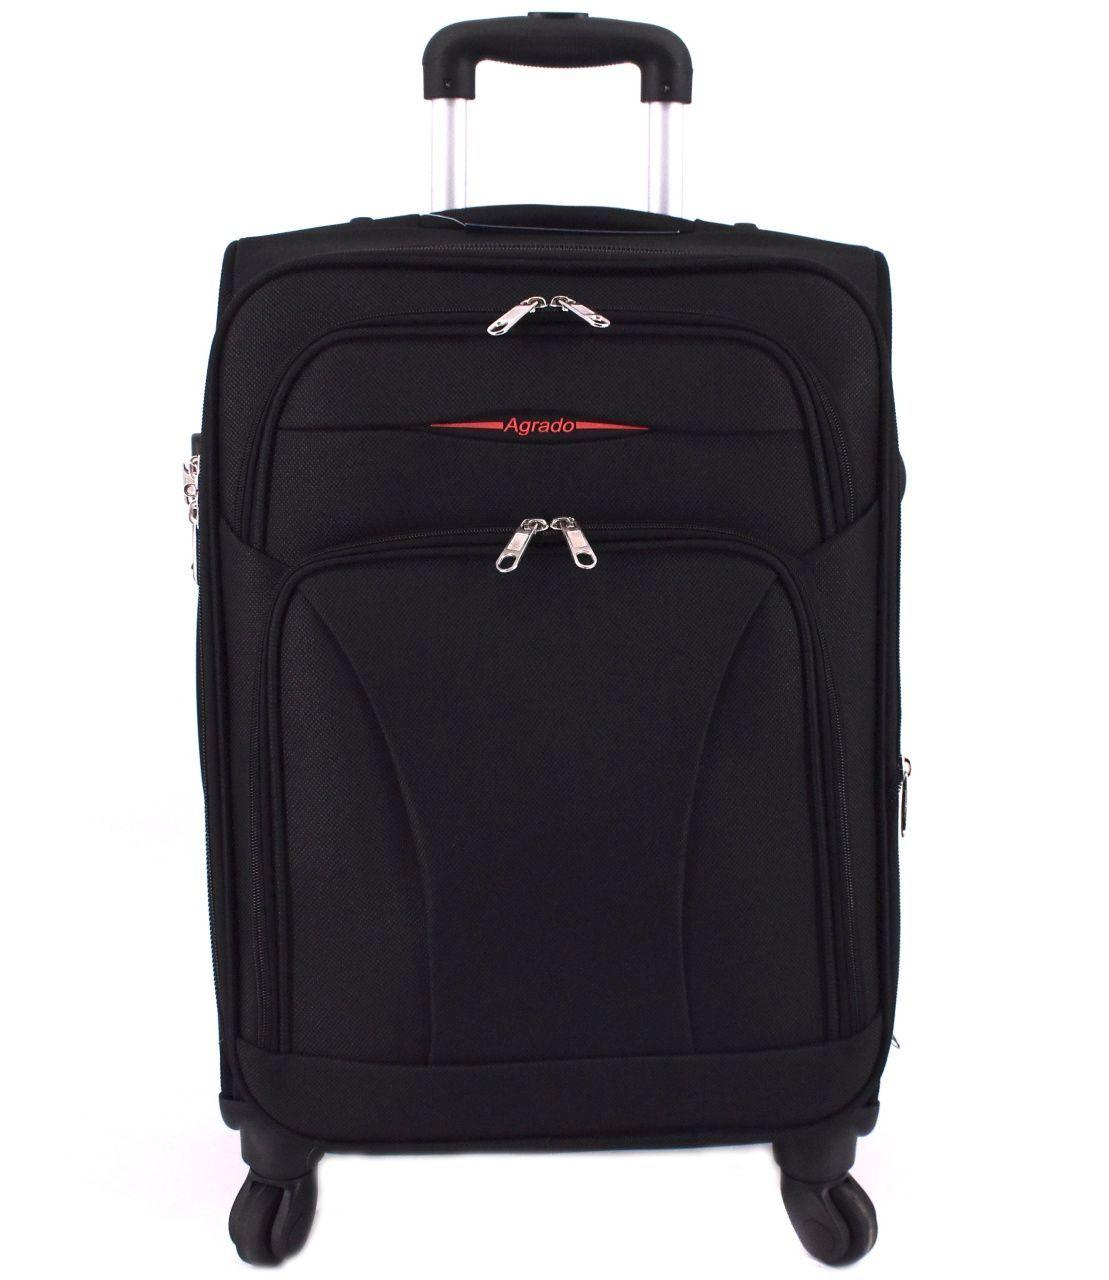 Cestovní textilní kufr na čtyřech kolečkách Agrado (S) 45l - černá 8021 (S)